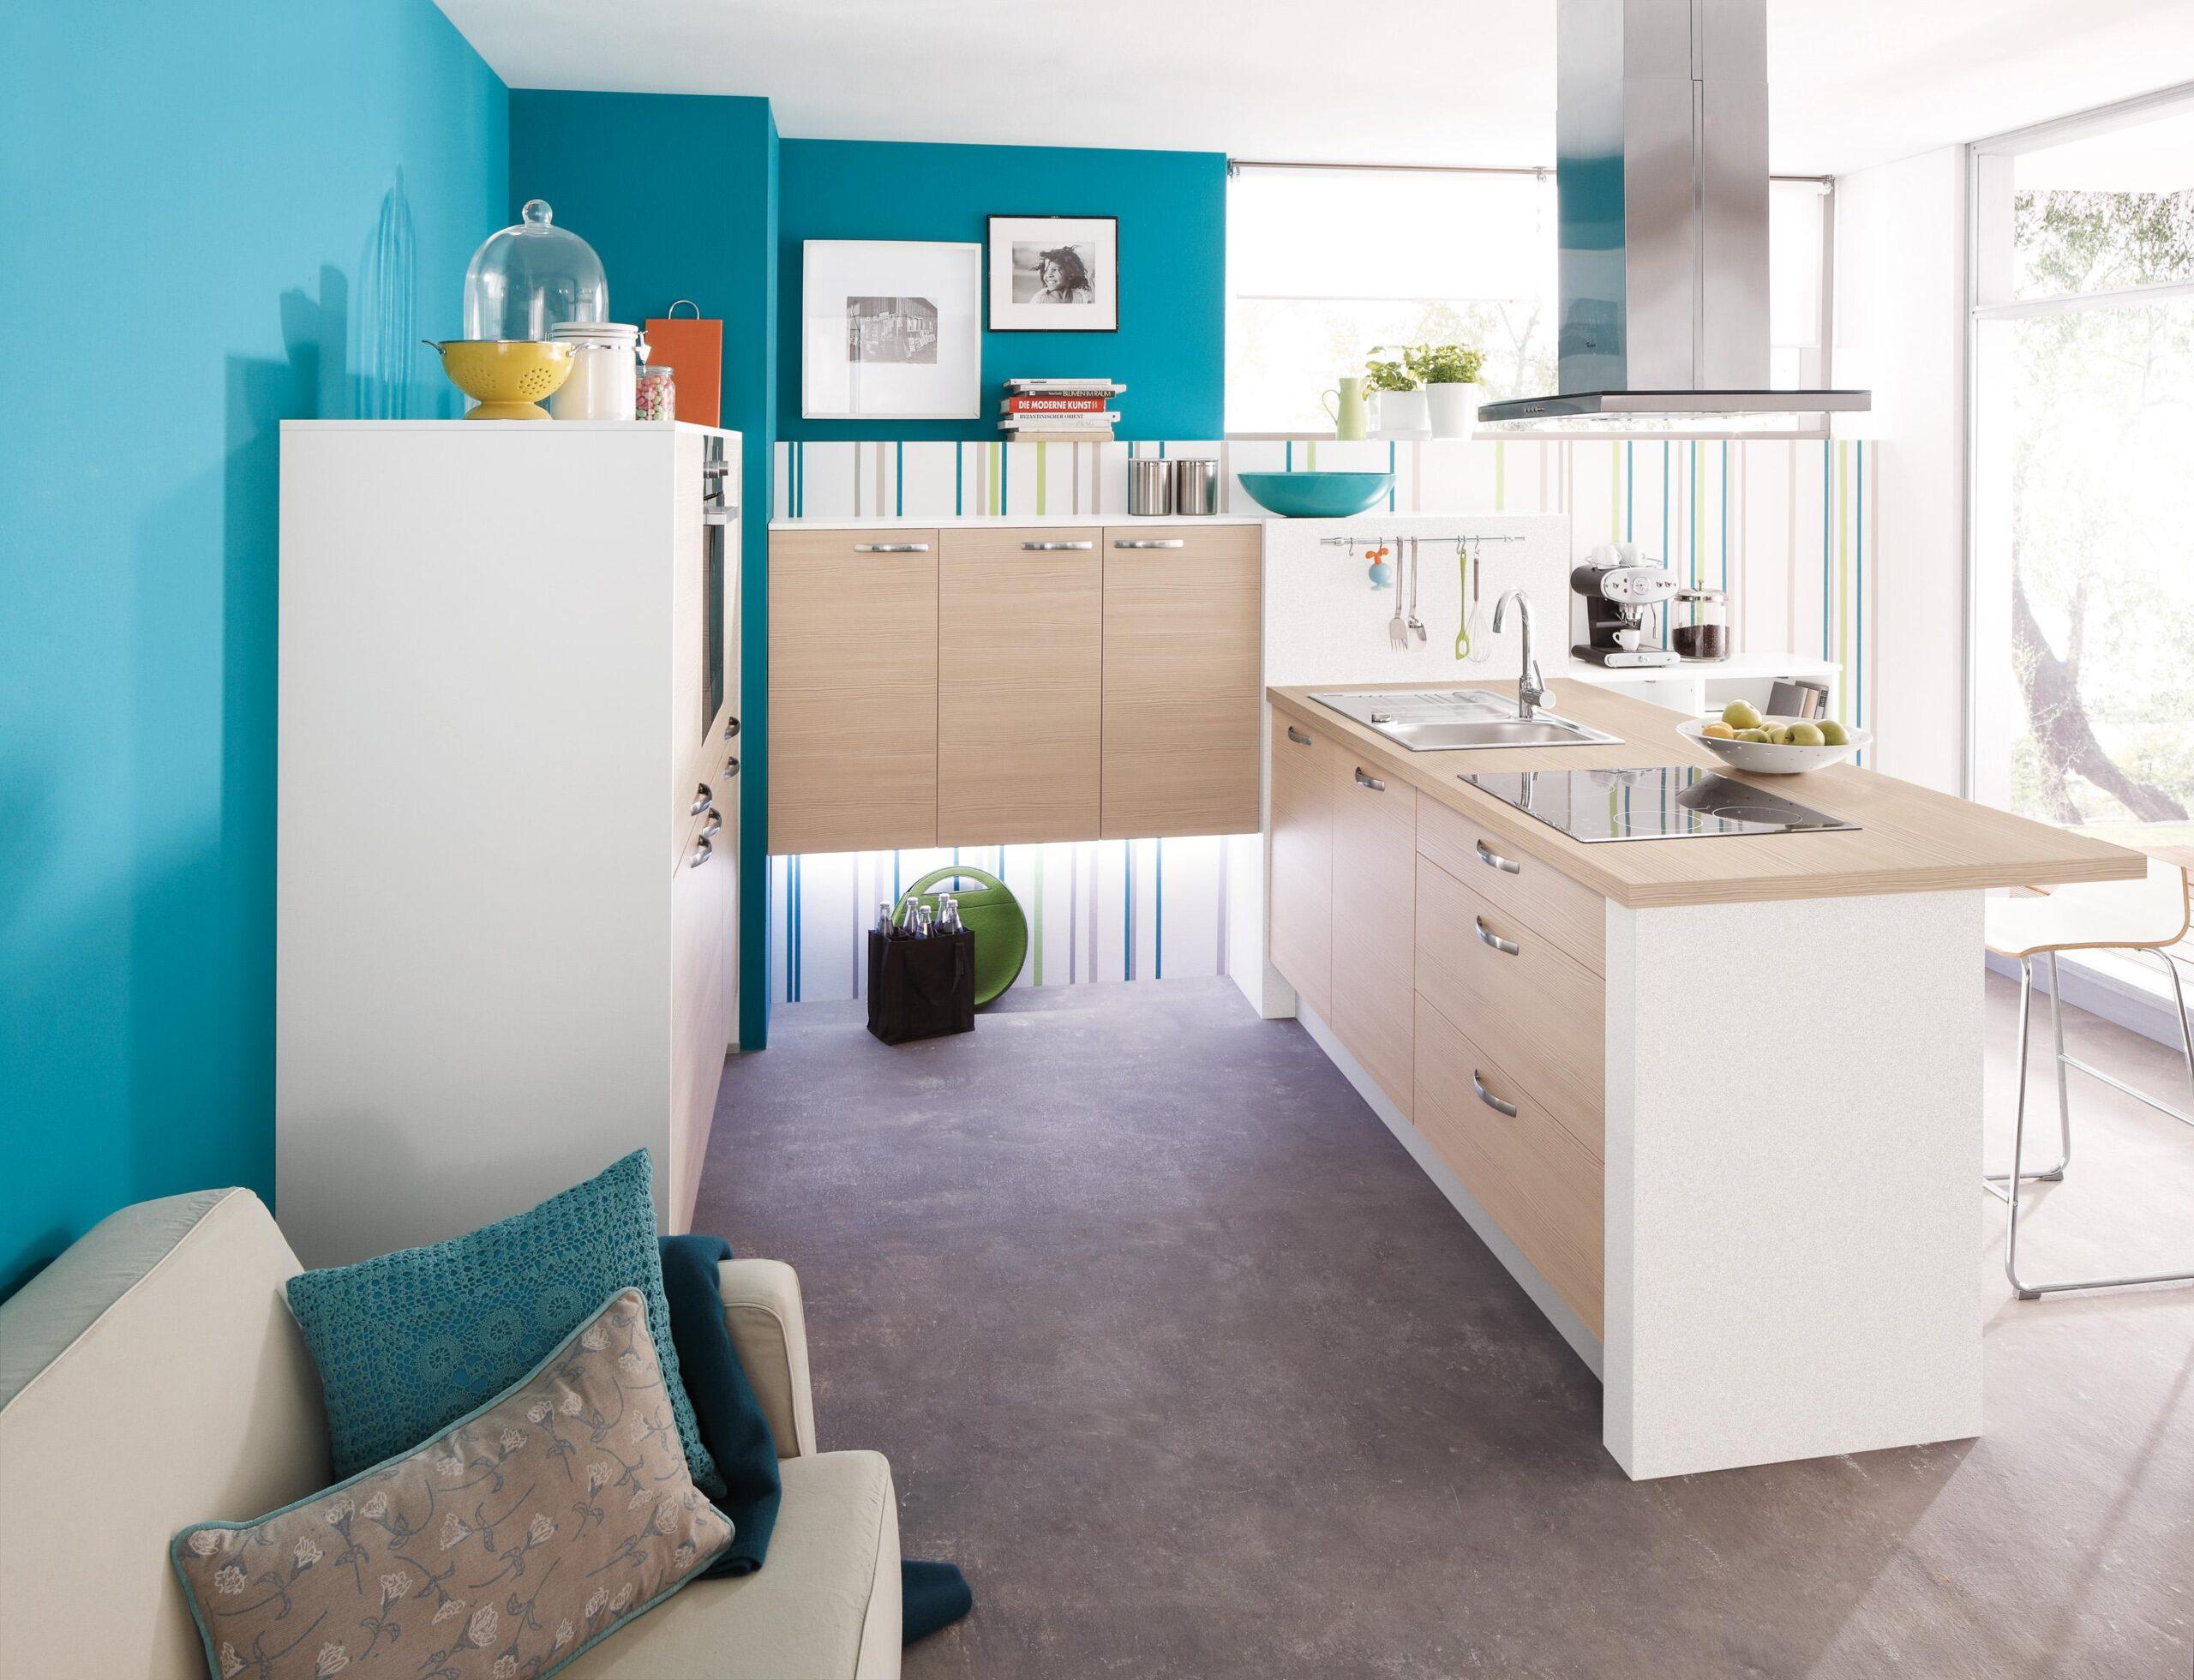 Full Size of Pino Küchenzeile Trkisfarbene Kche Mit Sofa Wandfarbe Dunstabzugs Küche Pinolino Bett Wohnzimmer Pino Küchenzeile